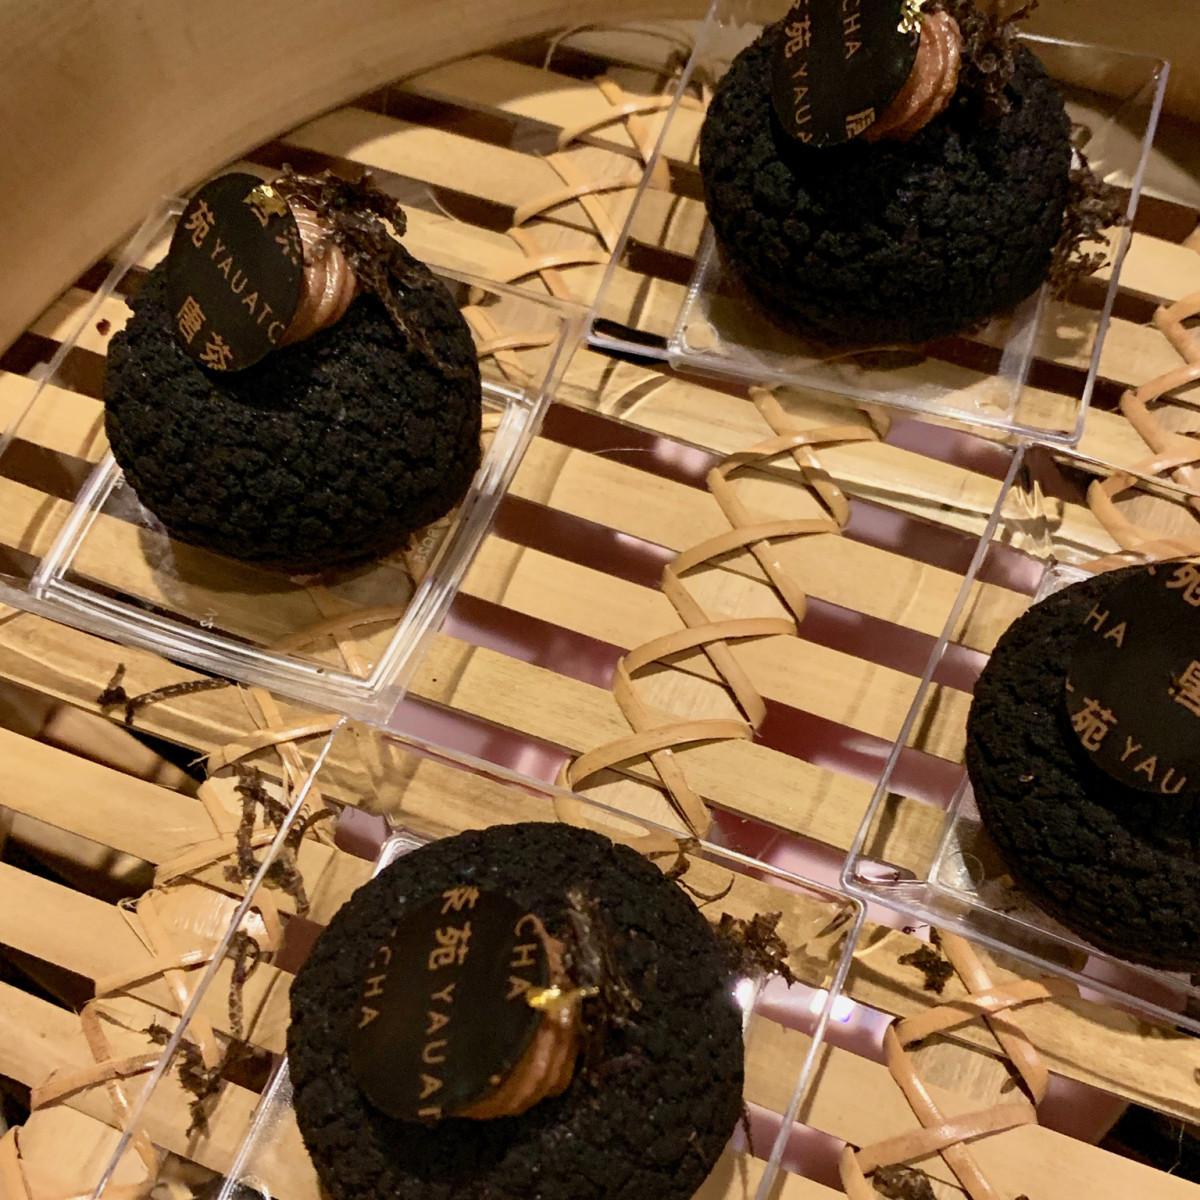 The Truffle Masters 2019 Yauatcha chocolate choux